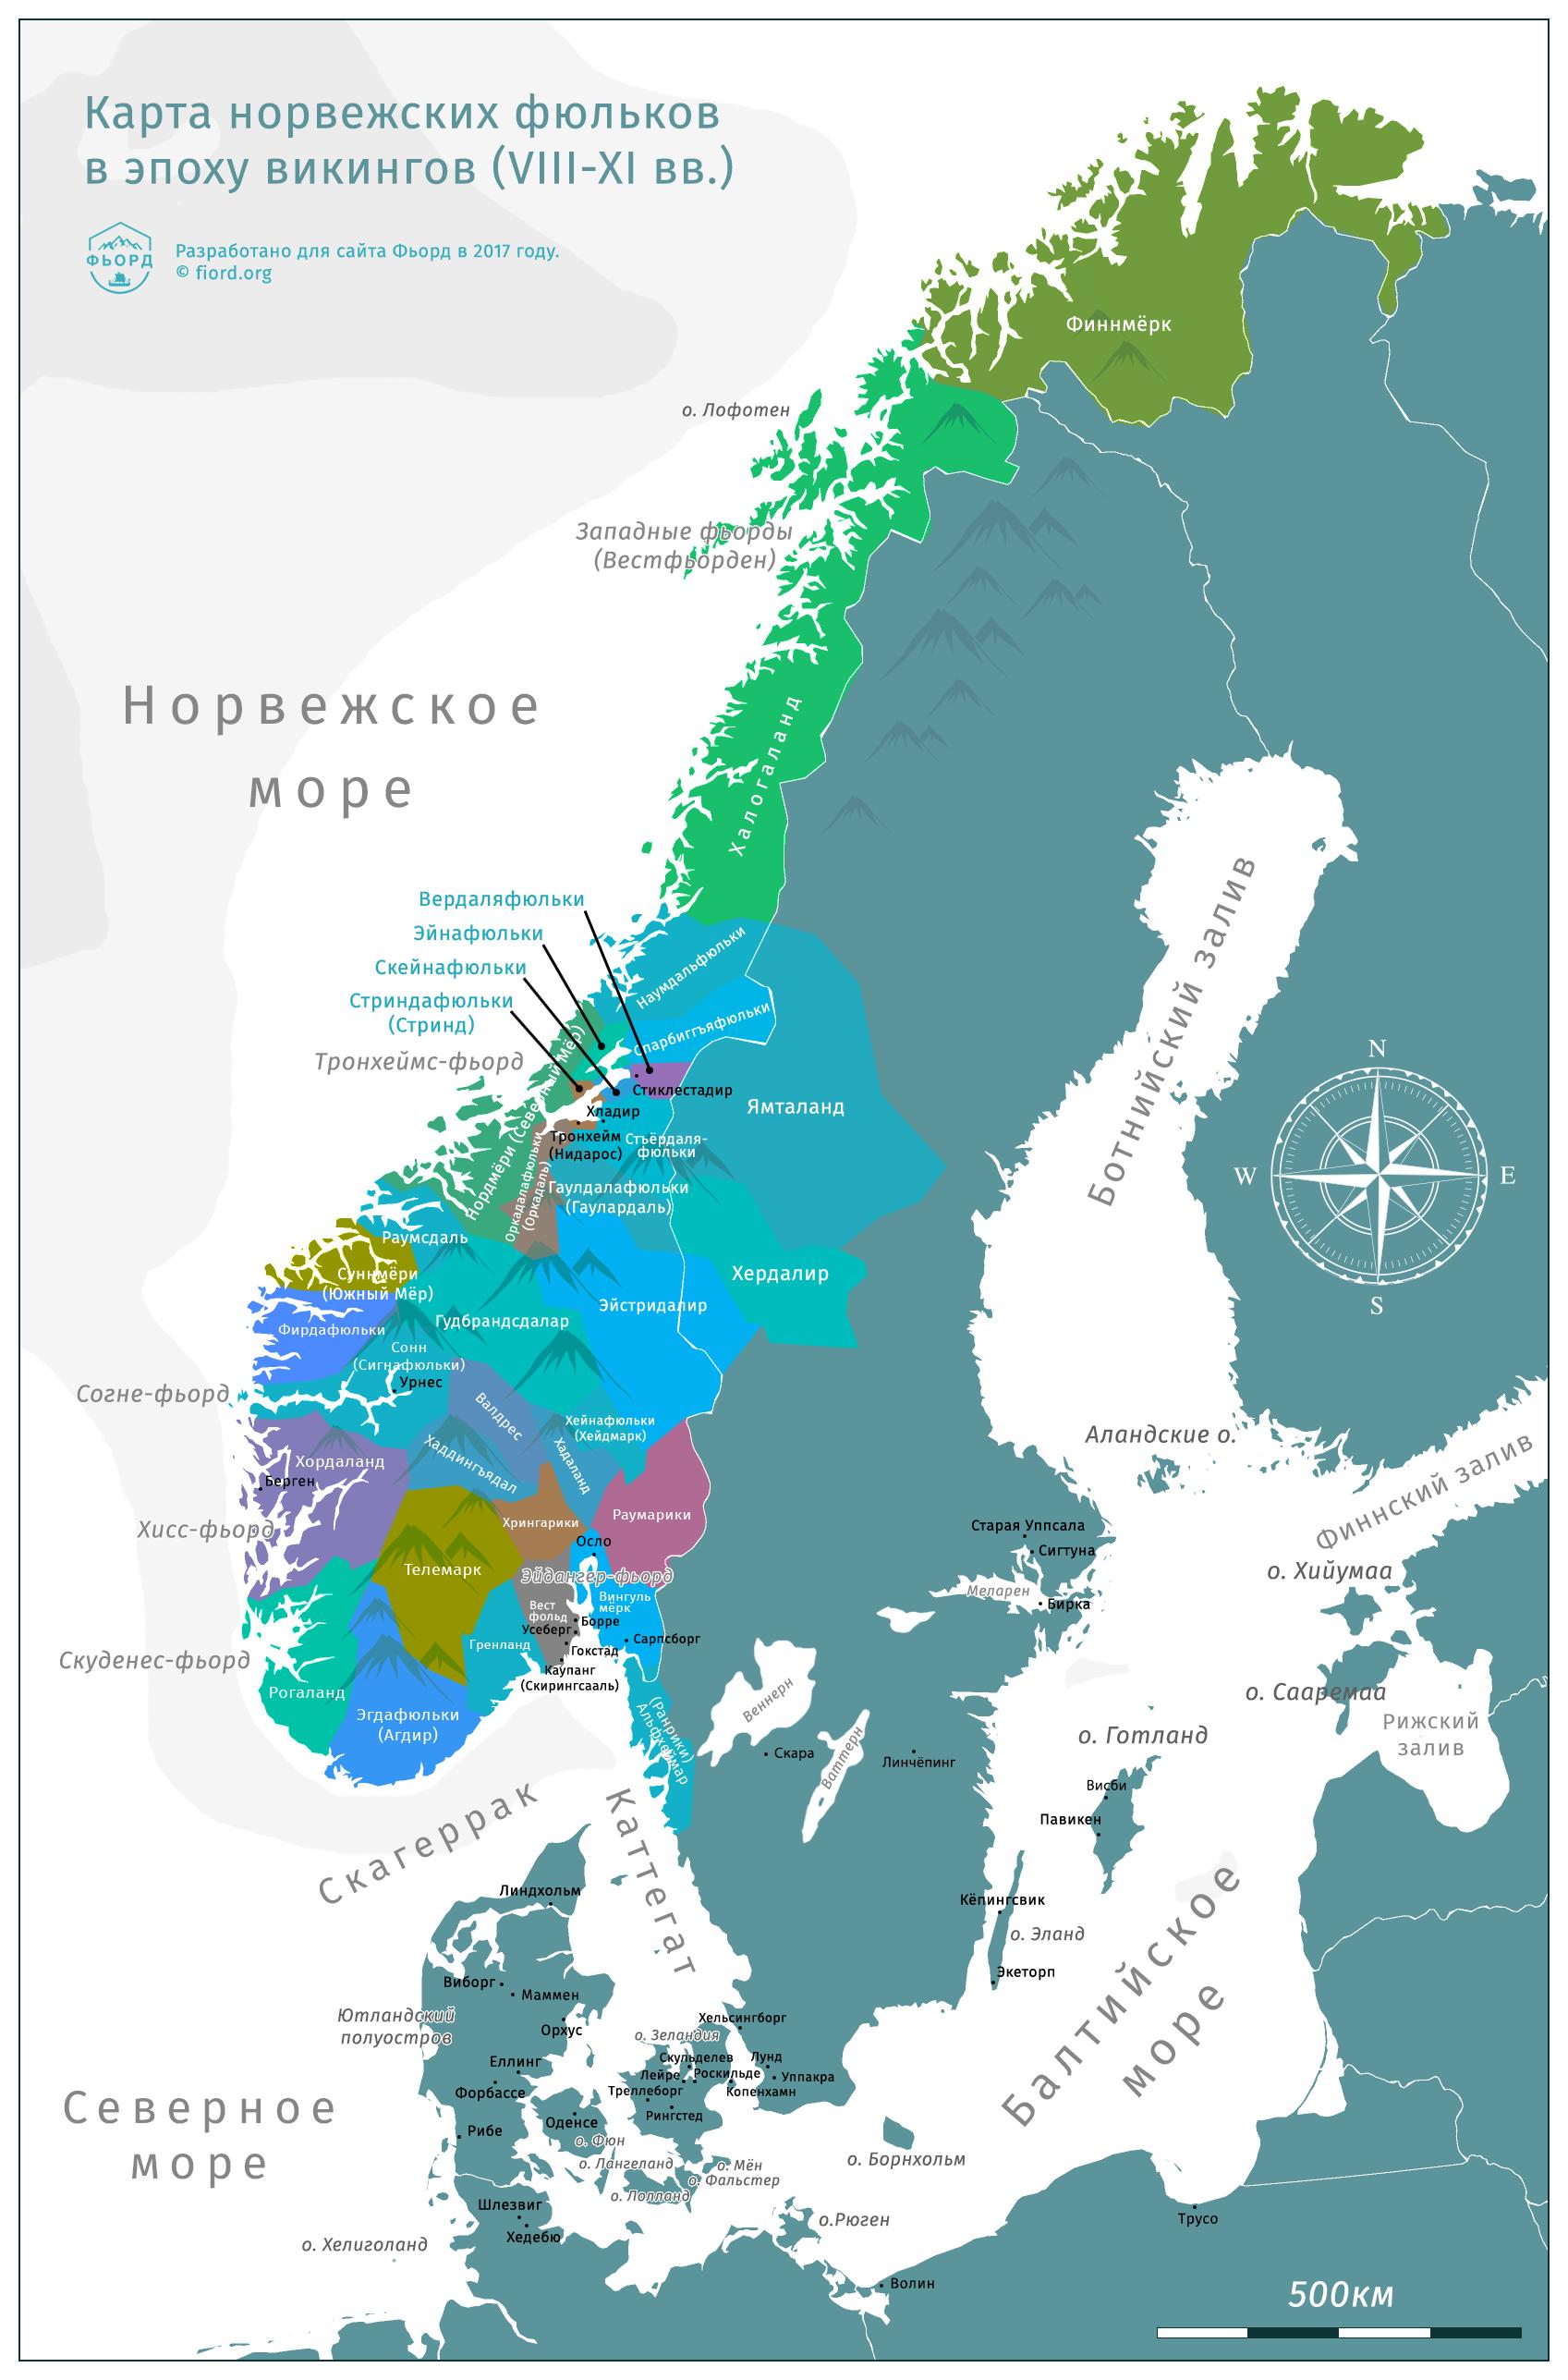 Карта норвежских фюльков в эпоху викингов (VIII-XI вв)